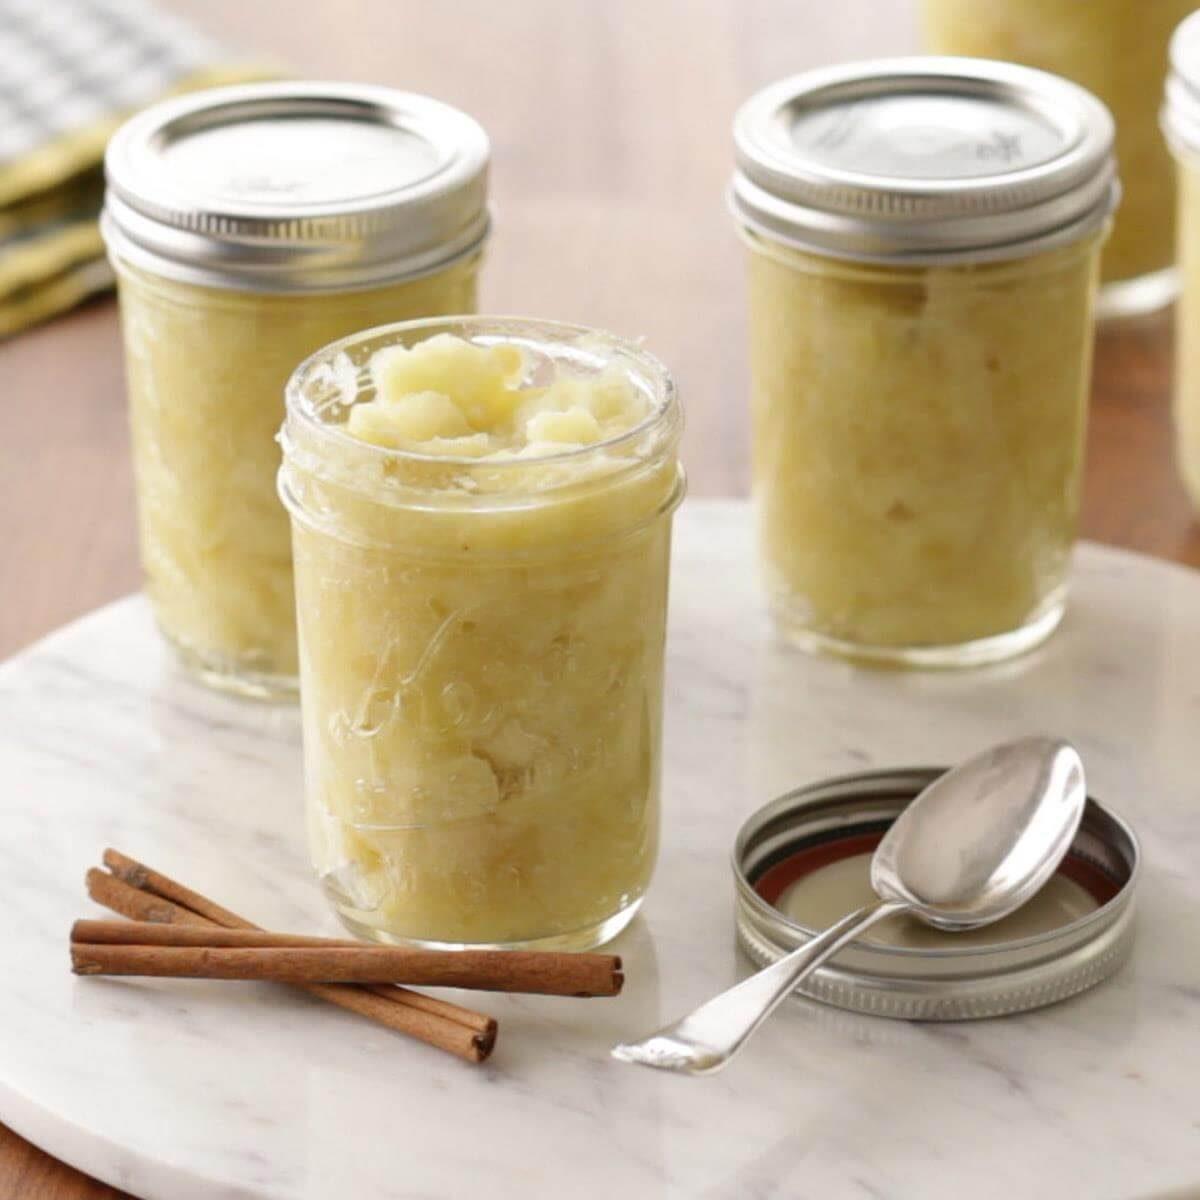 jars of apple sauce